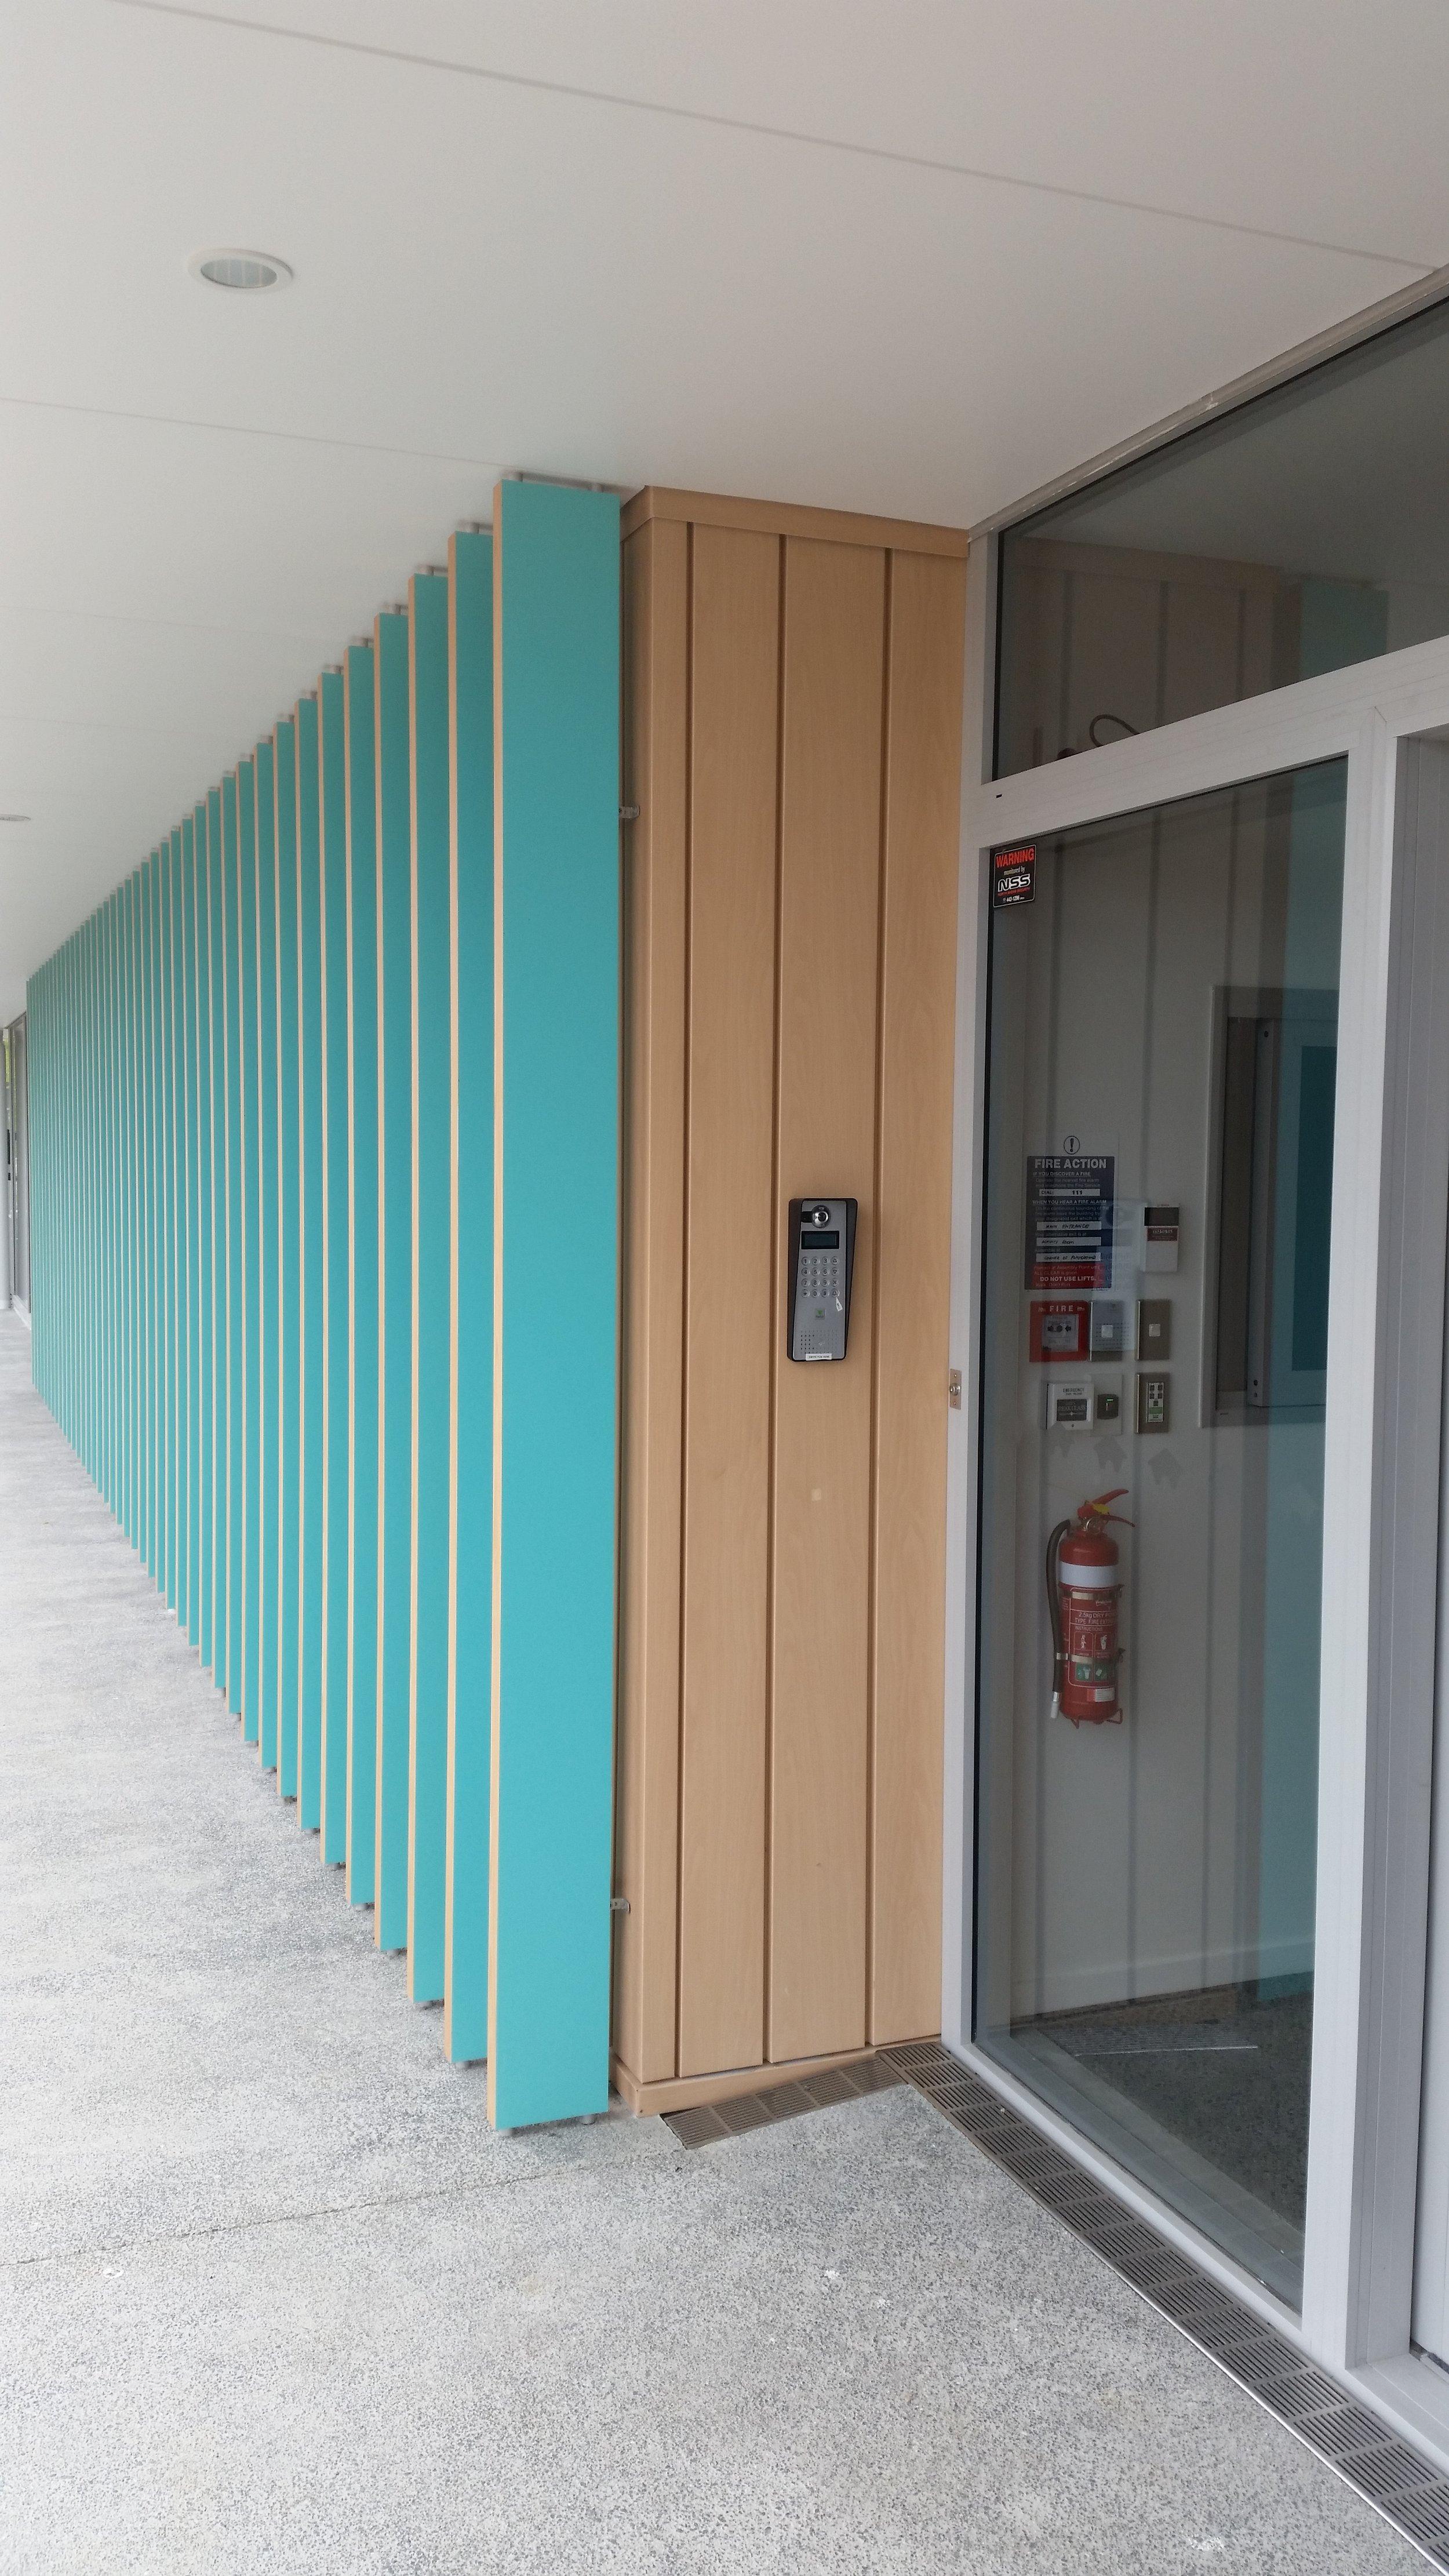 The-Roofing-Store-Steel-Metal-Interlocking-Panel-Lux-Light-Wood-7.jpg.jpg